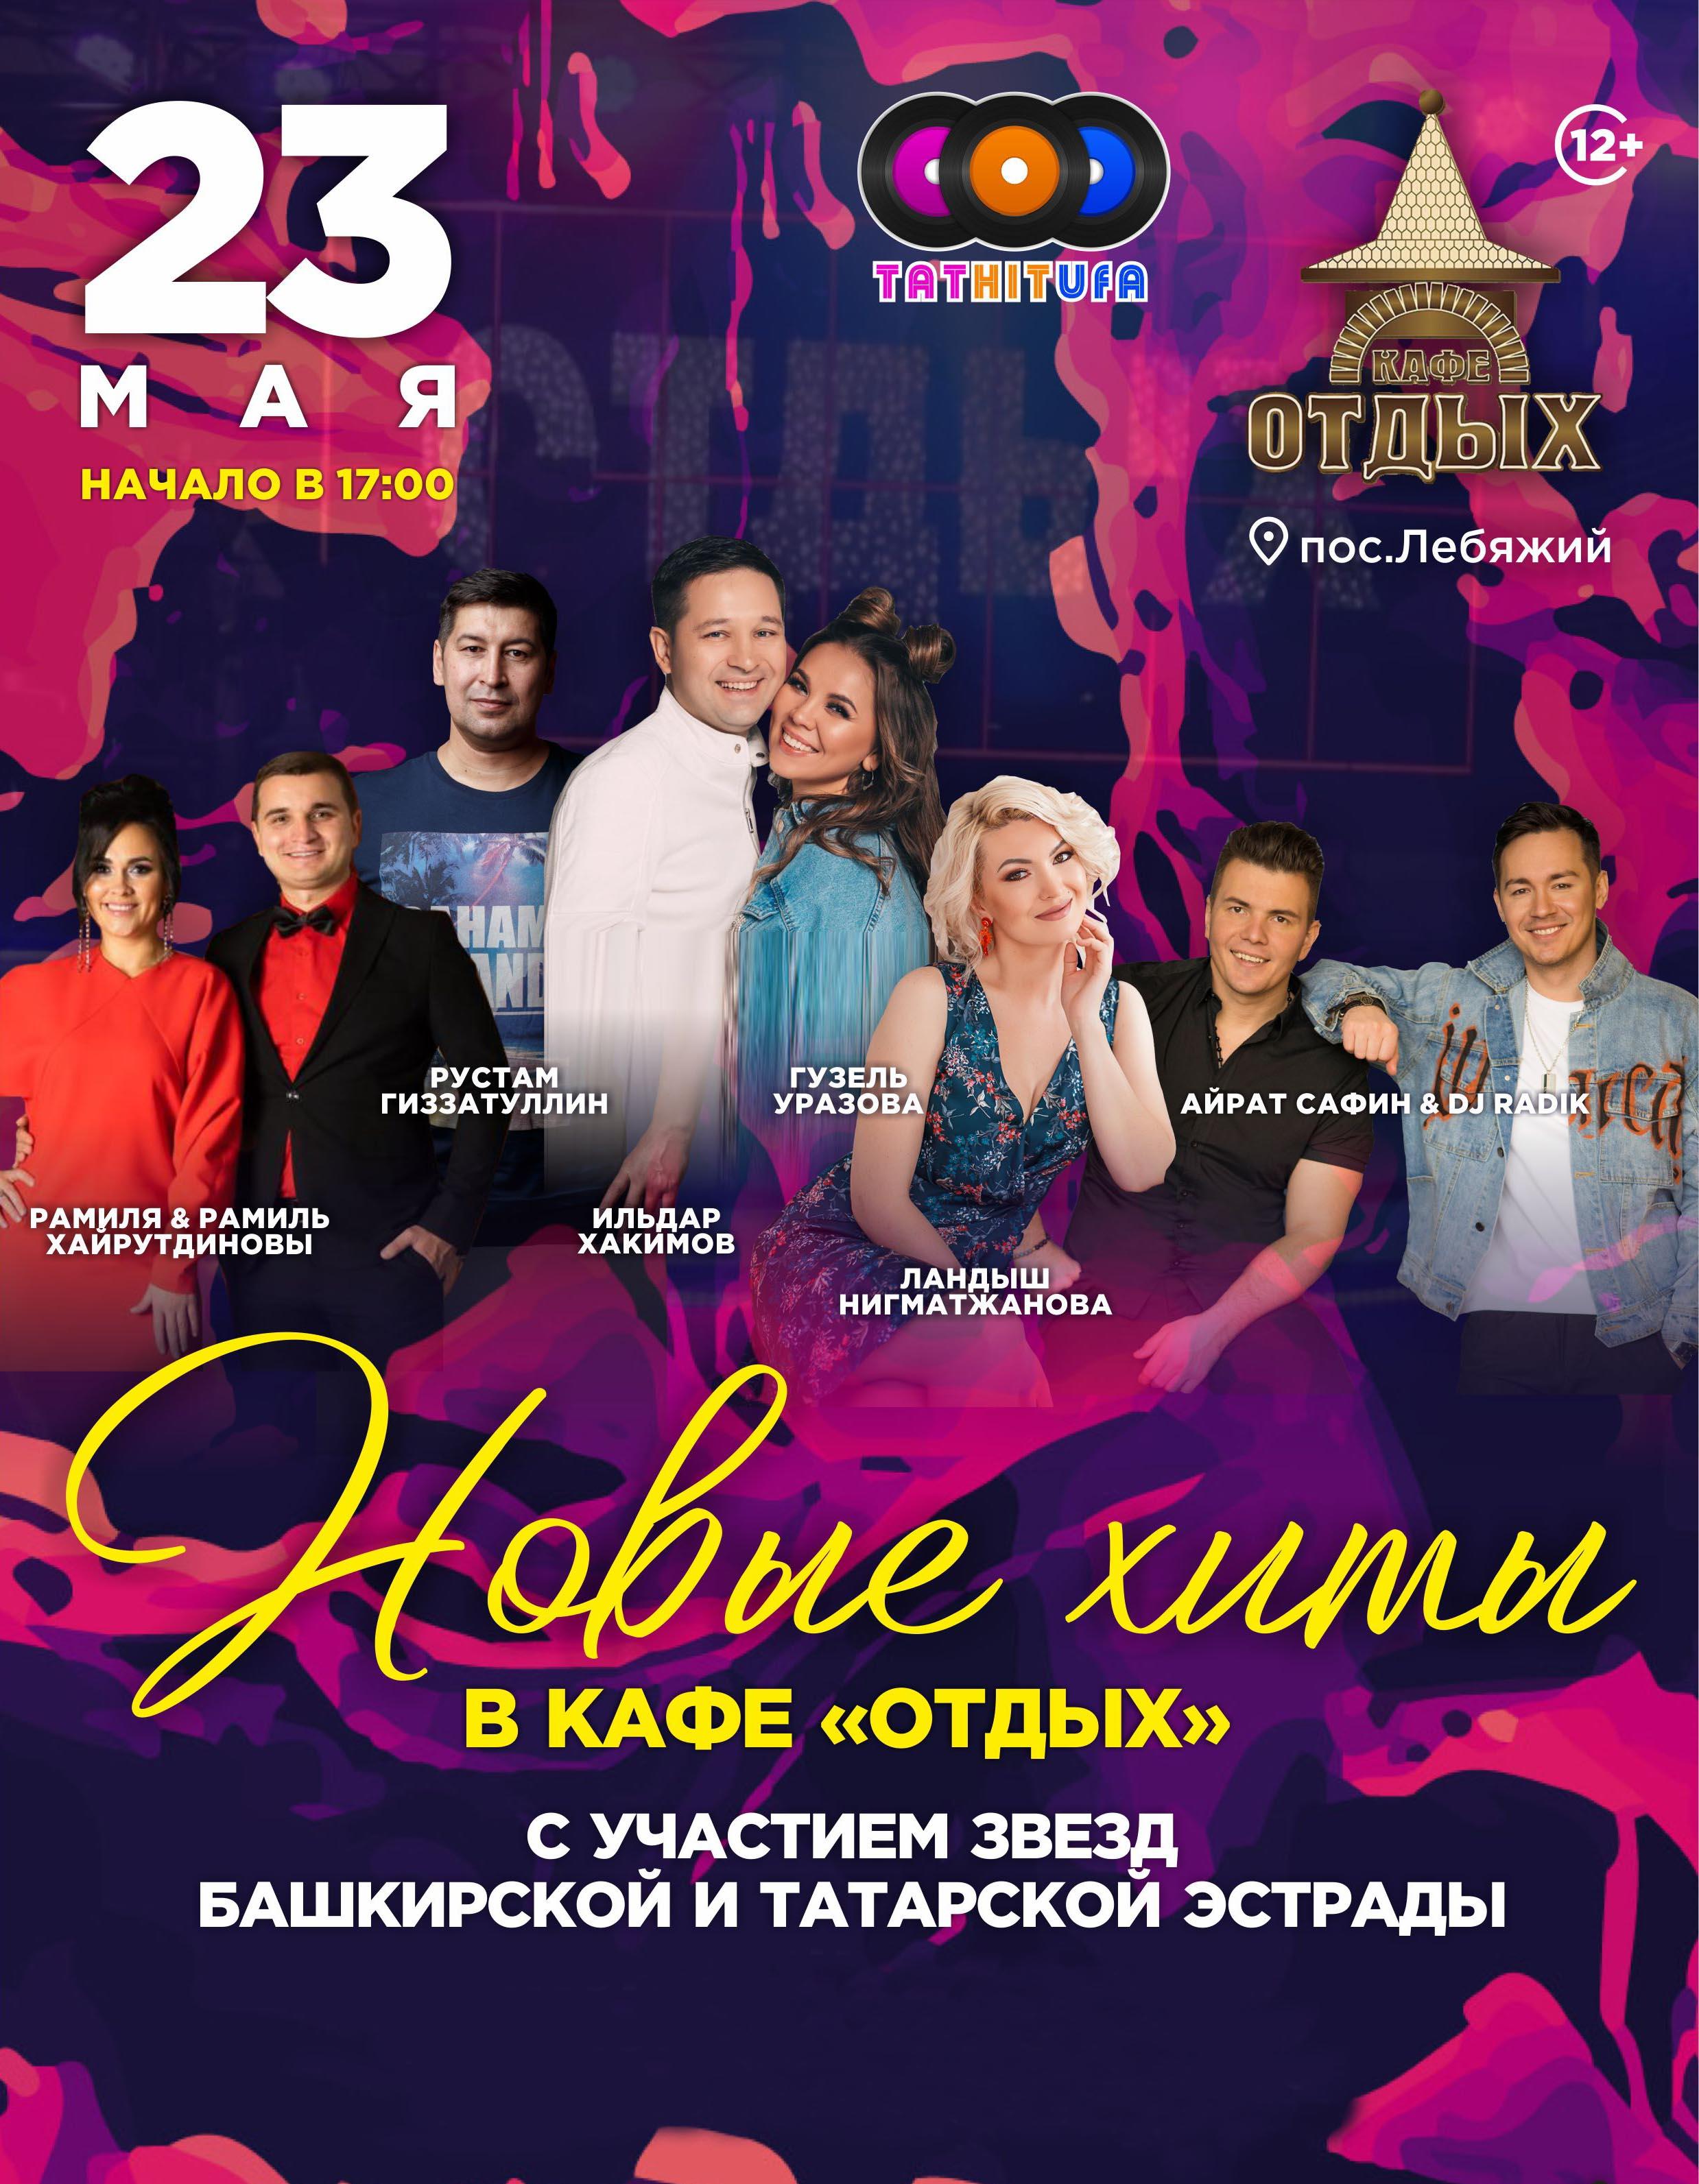 Новые хиты весны с участием звезд башкирской и татарской эстрады